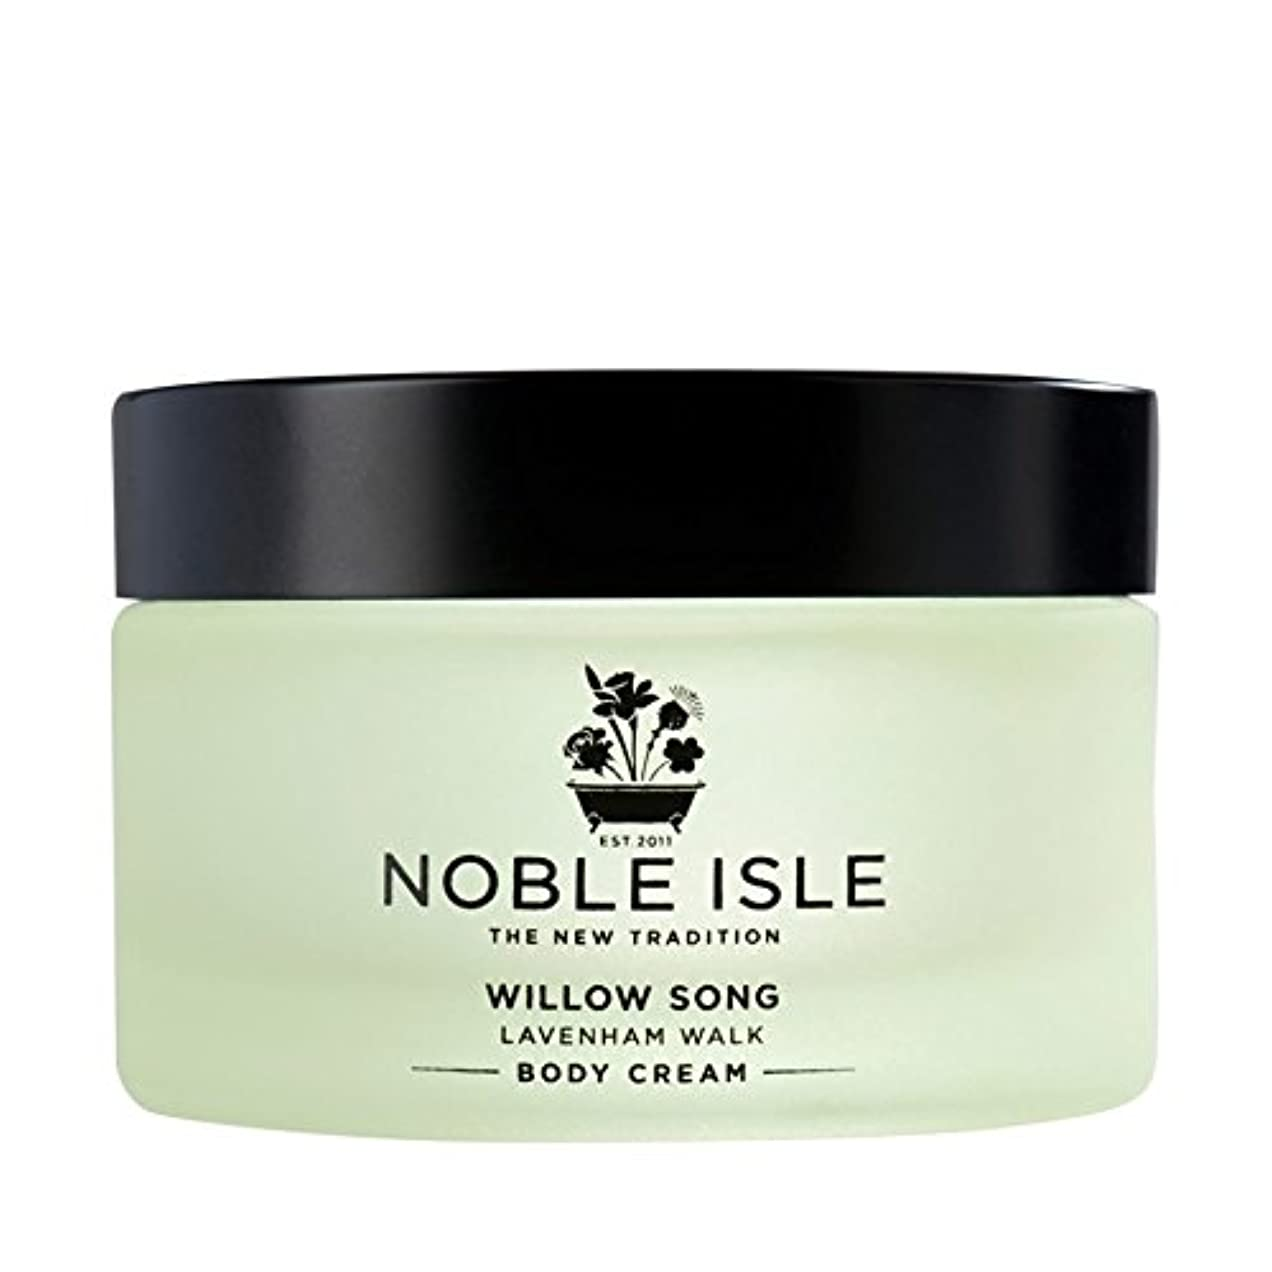 チラチラするラグ中国高貴な島柳の歌ラヴァンハム徒歩ボディクリーム170ミリリットル x2 - Noble Isle Willow Song Lavenham Walk Body Cream 170ml (Pack of 2) [並行輸入品]